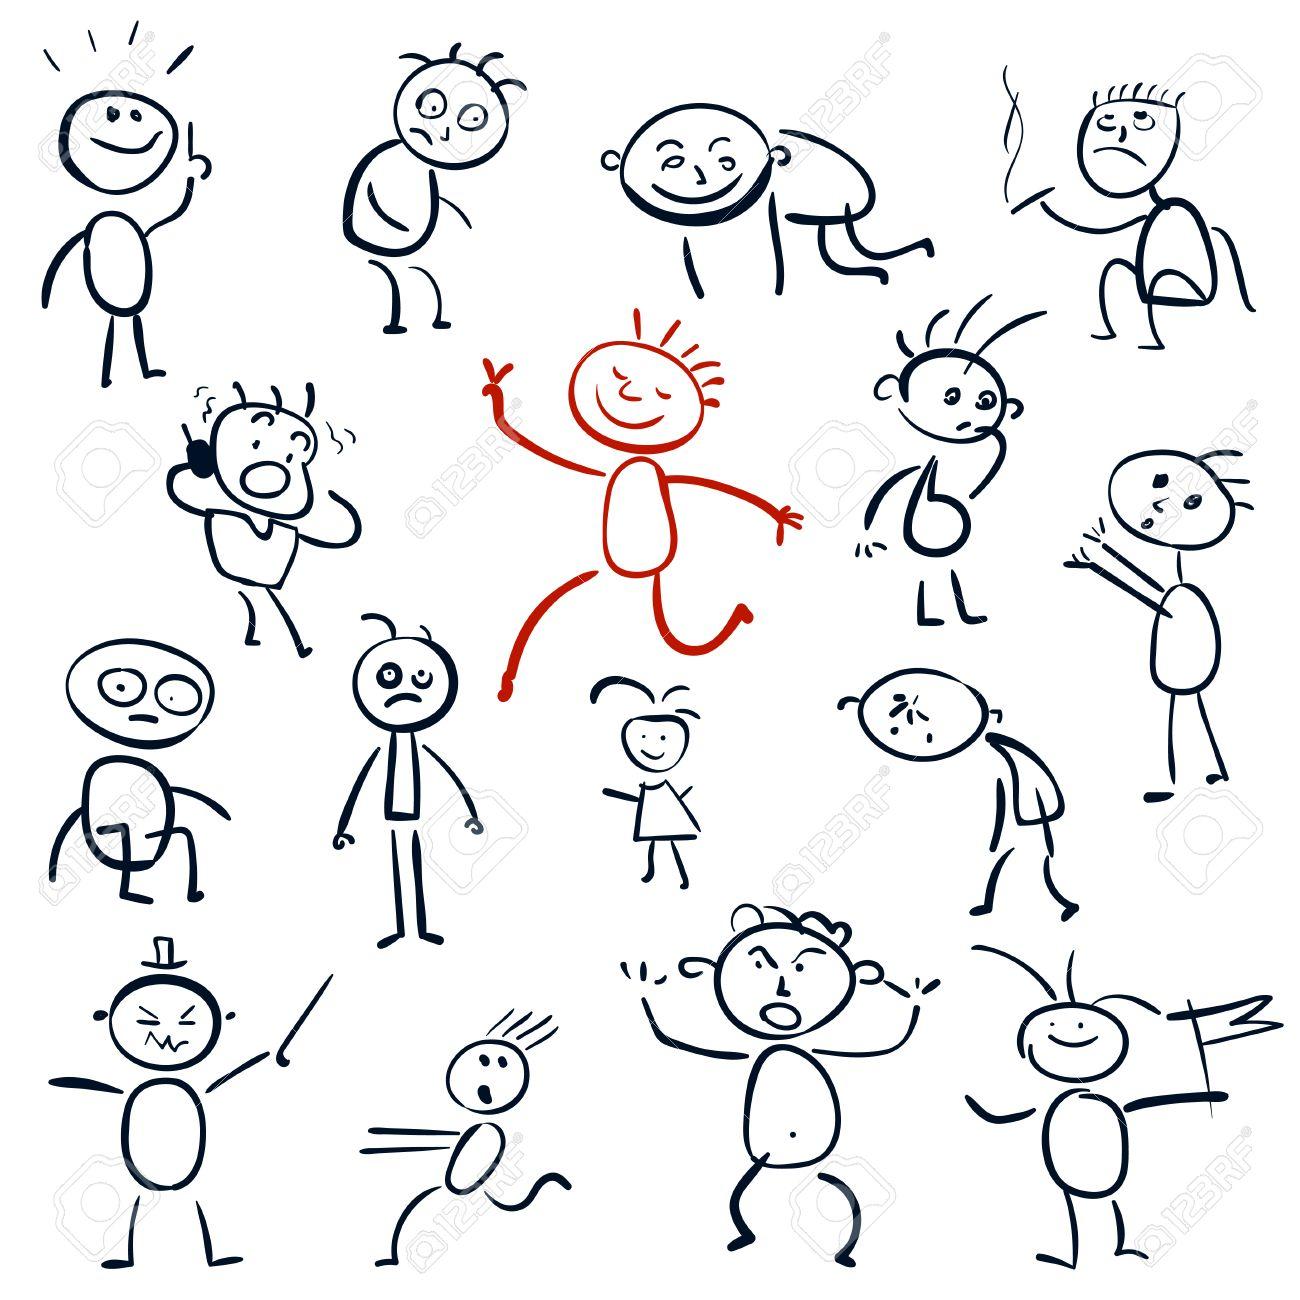 Vettoriale Disegni Come Un Bambino Impostare Gli Uomini Dei